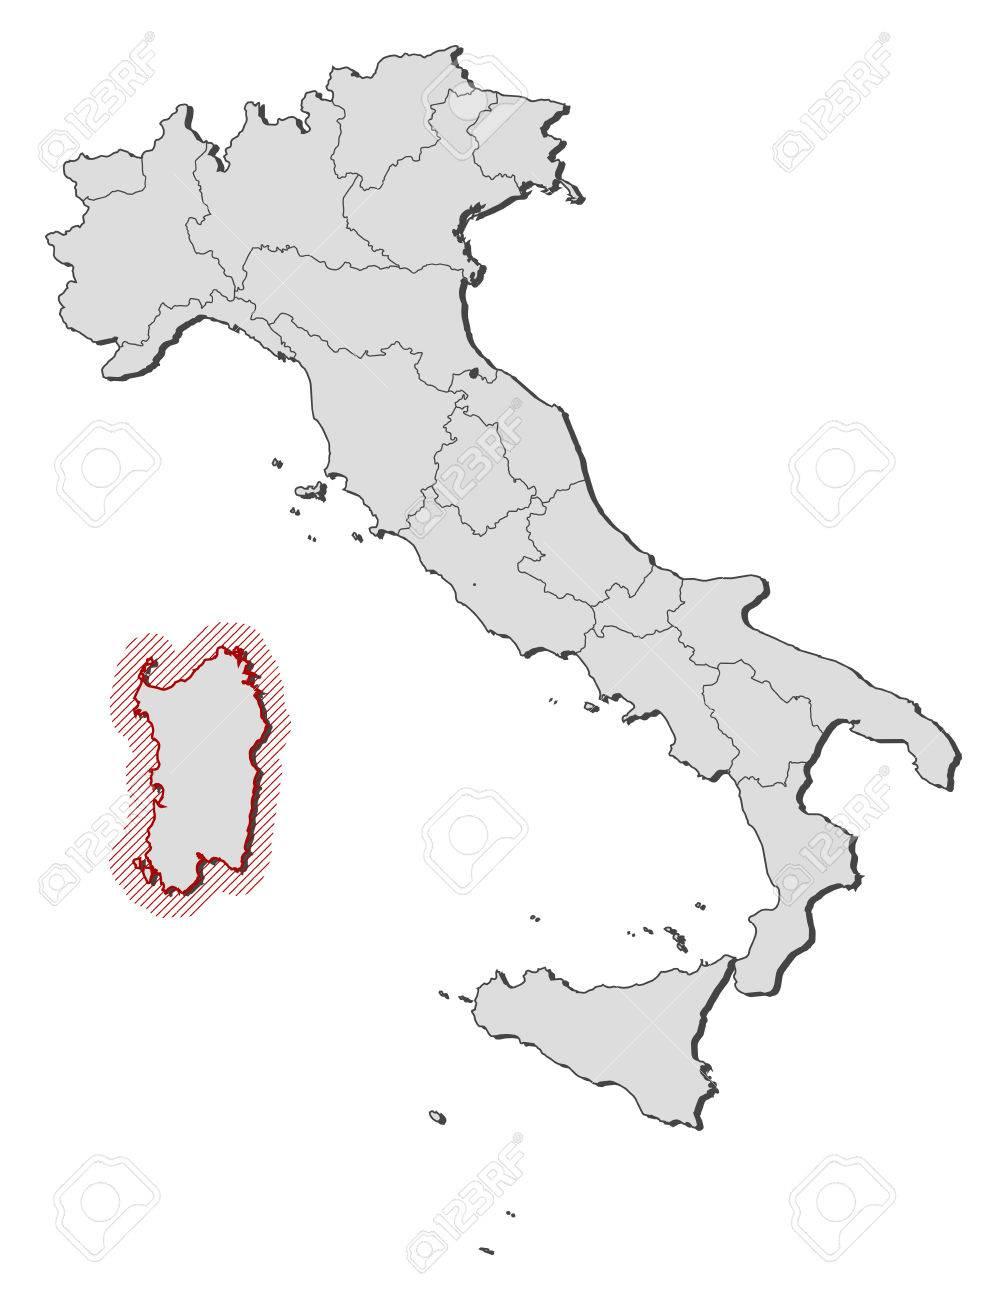 Cartina Sardegna Vettoriale.Vettoriale Mappa D Italia Con Le Province La Sardegna E Evidenziato Da Un Tratteggio Image 58073981